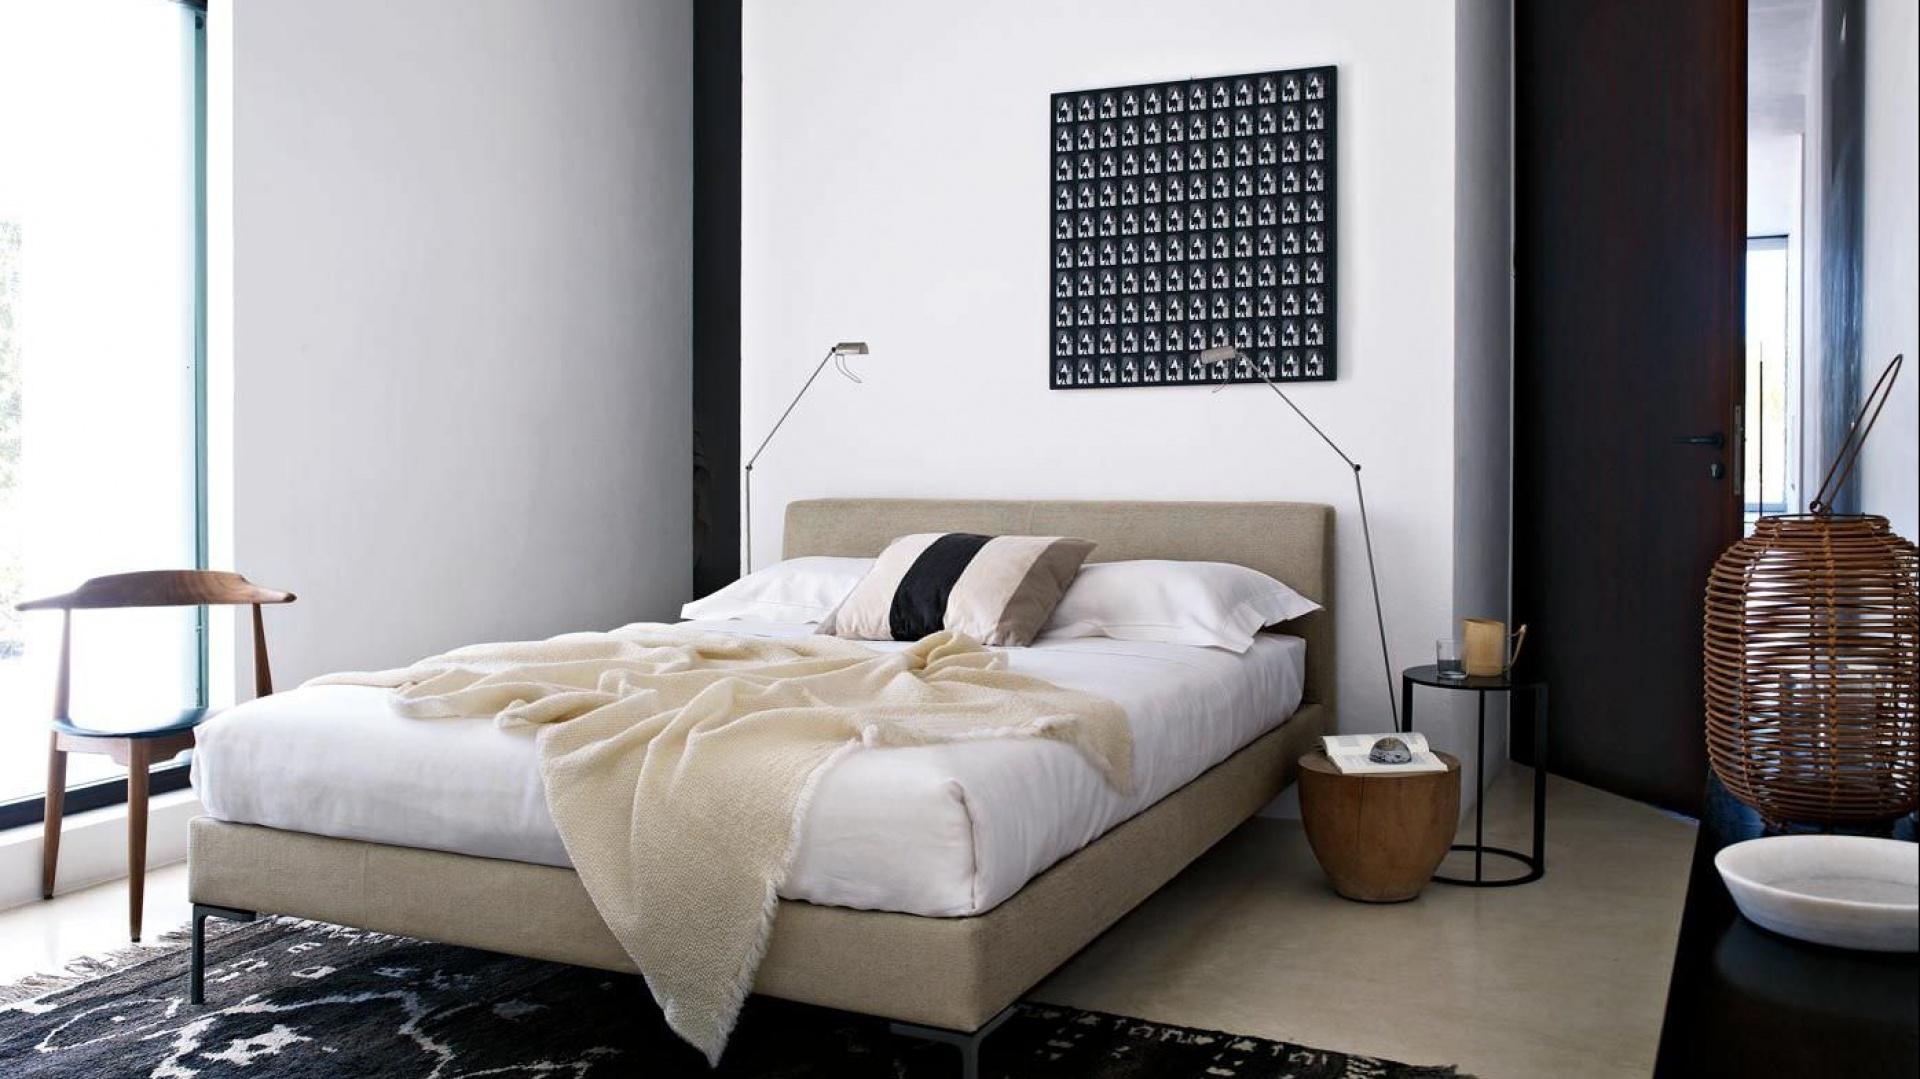 Kolekcja łóżek Charles z lekkimi,charakterystycznymi nogami, które przybierają kształt litery